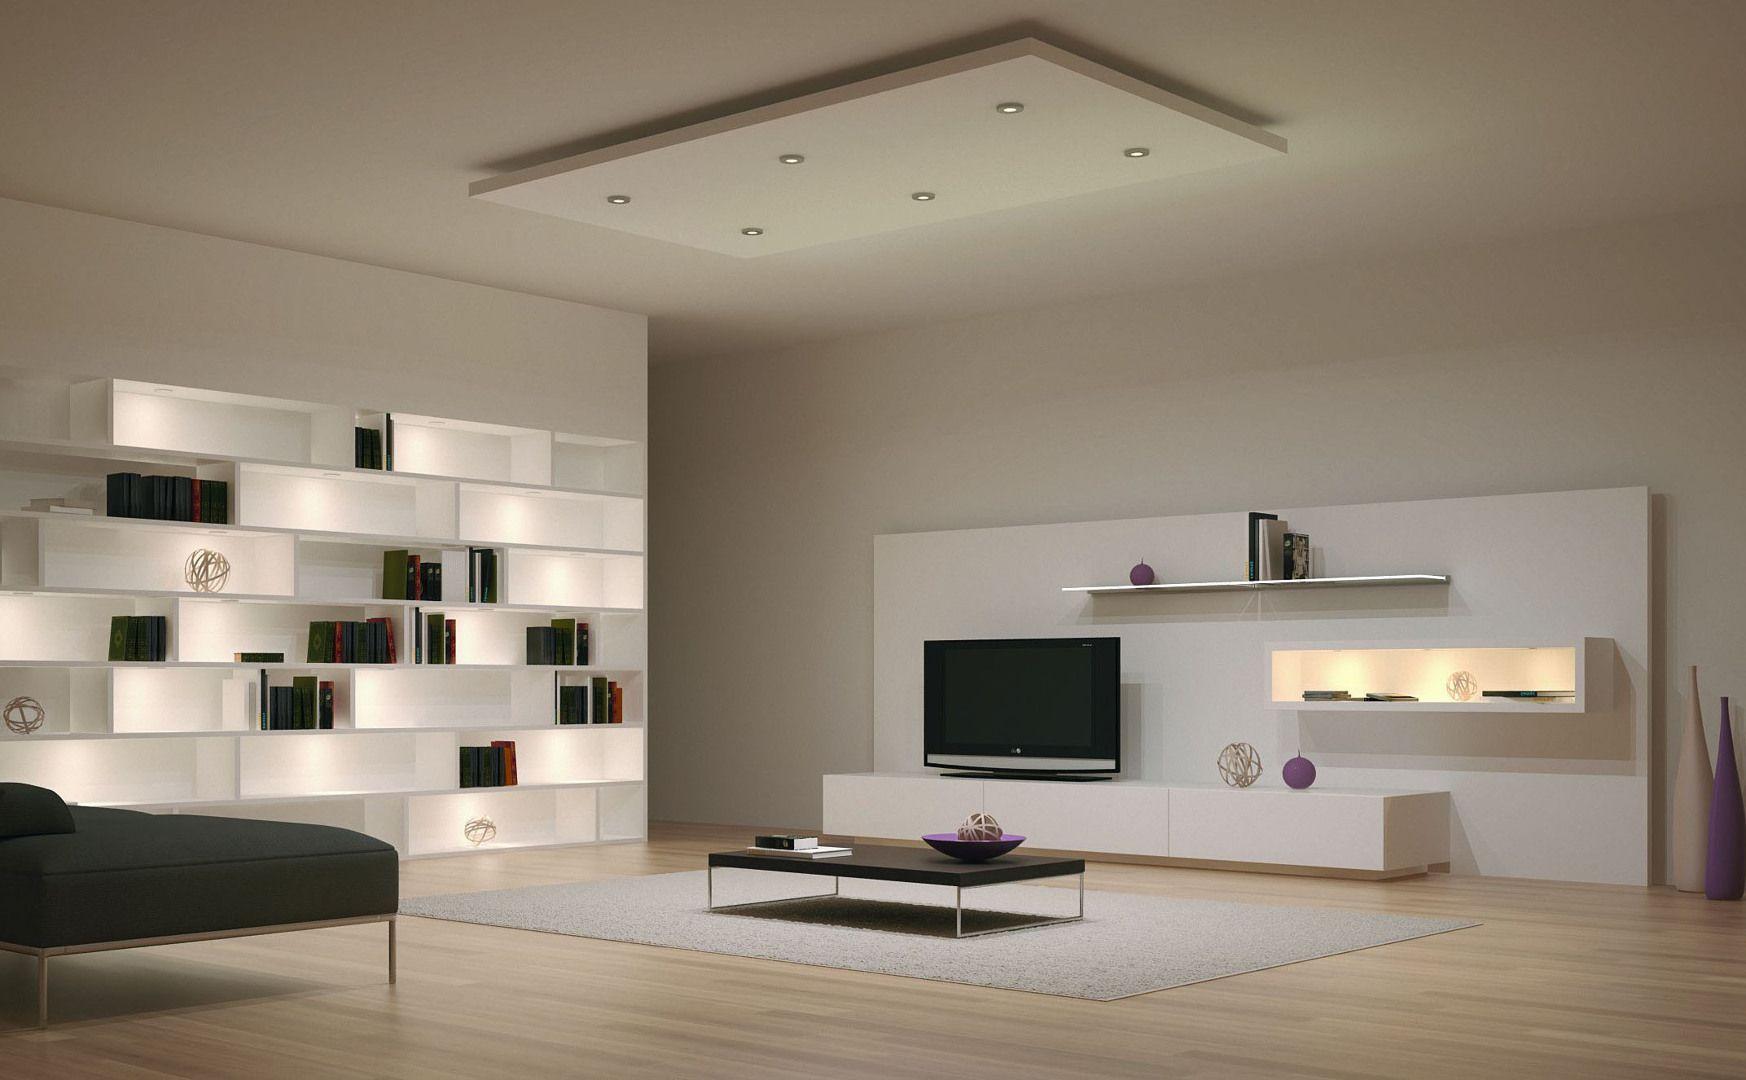 illuminazione a led per salotto Illuminazione soggiorno